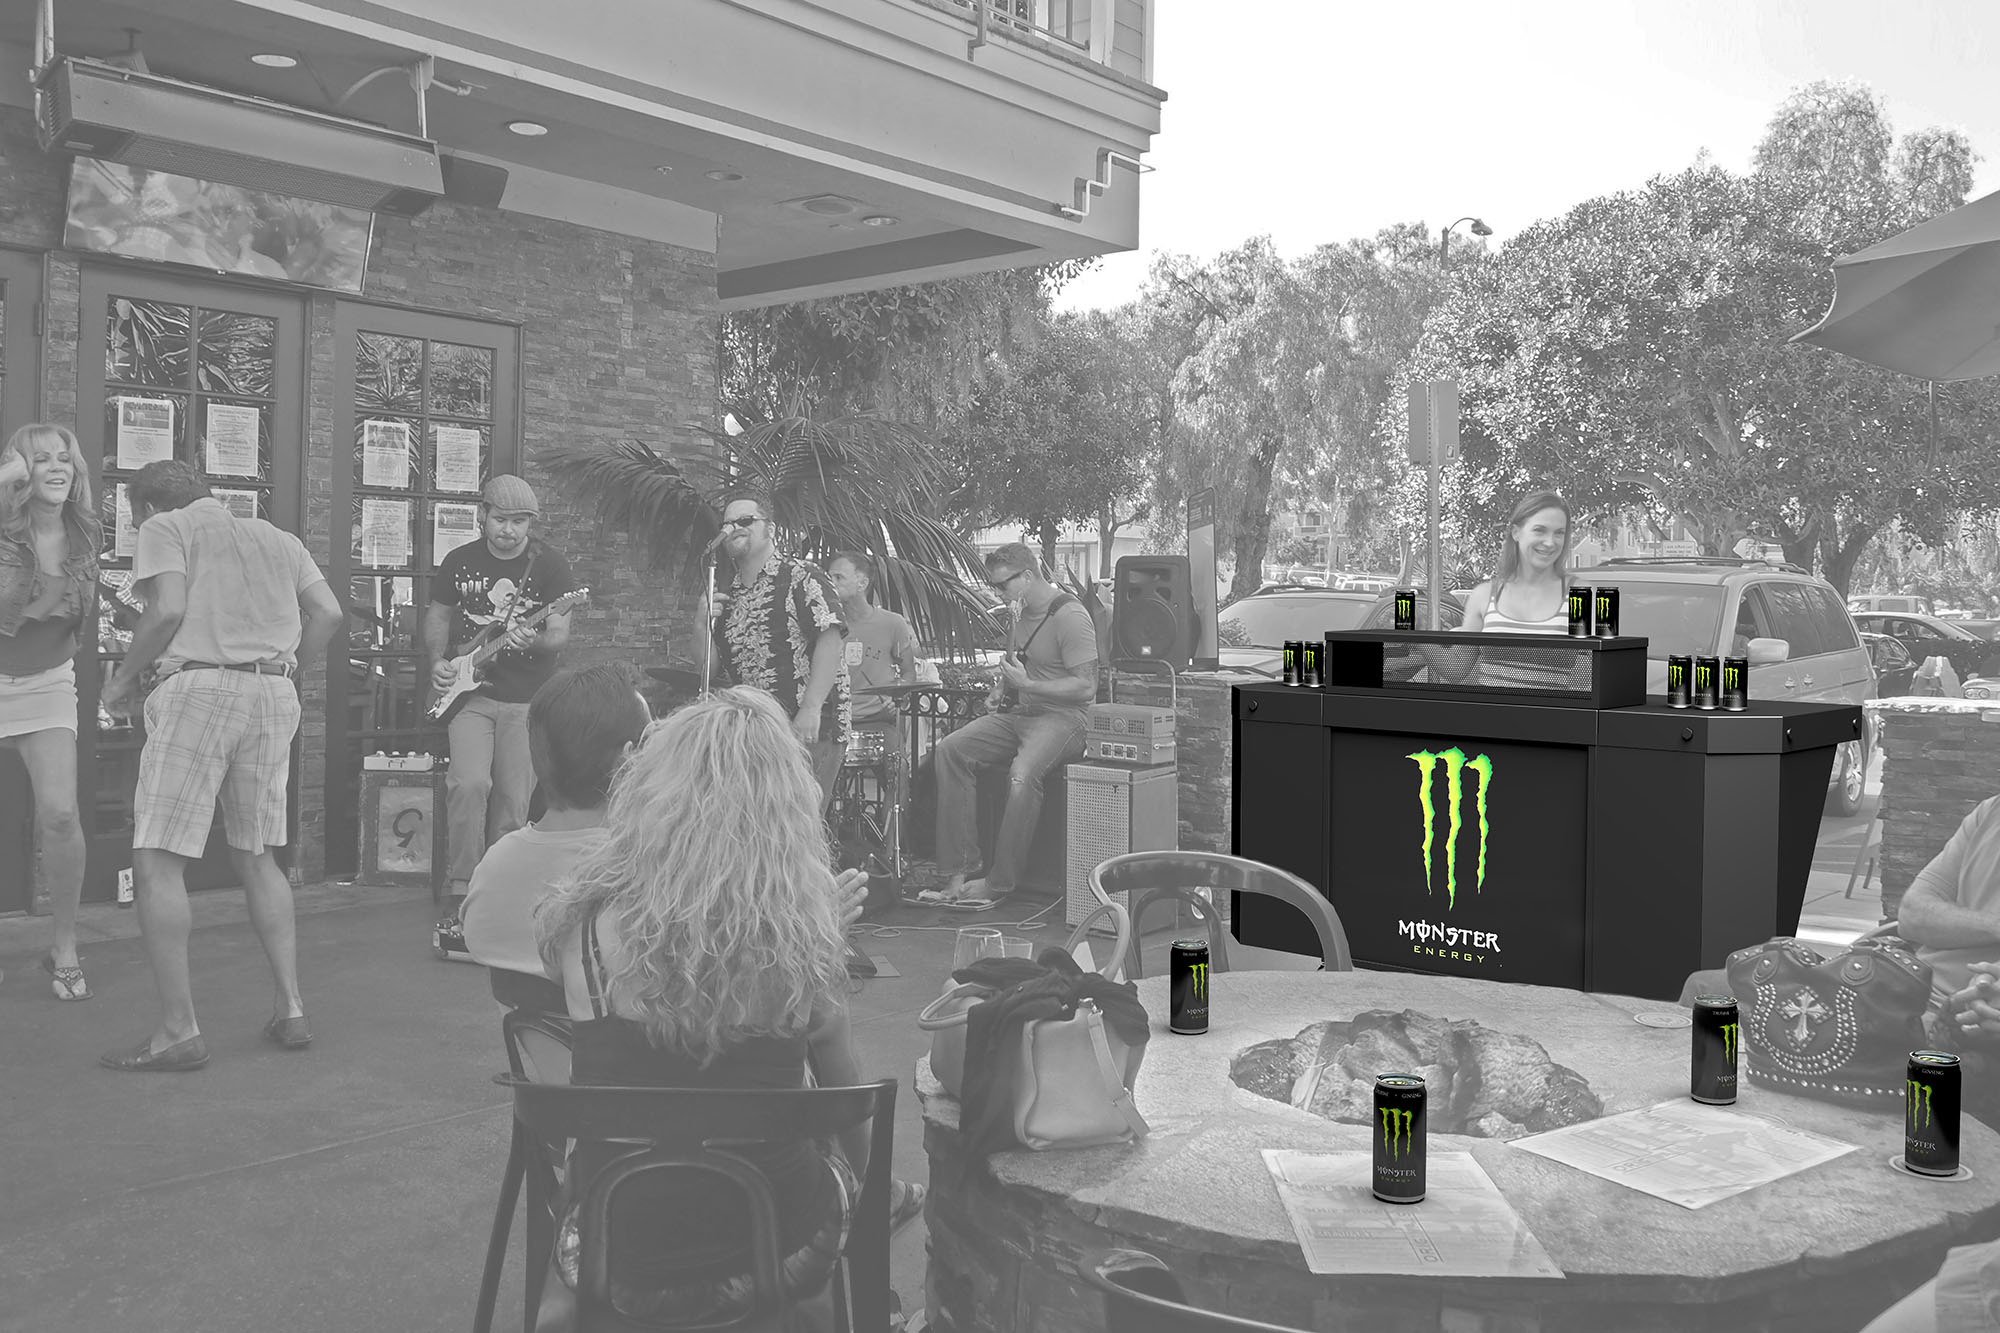 Monster Event Bar Outdoorsm.jpg